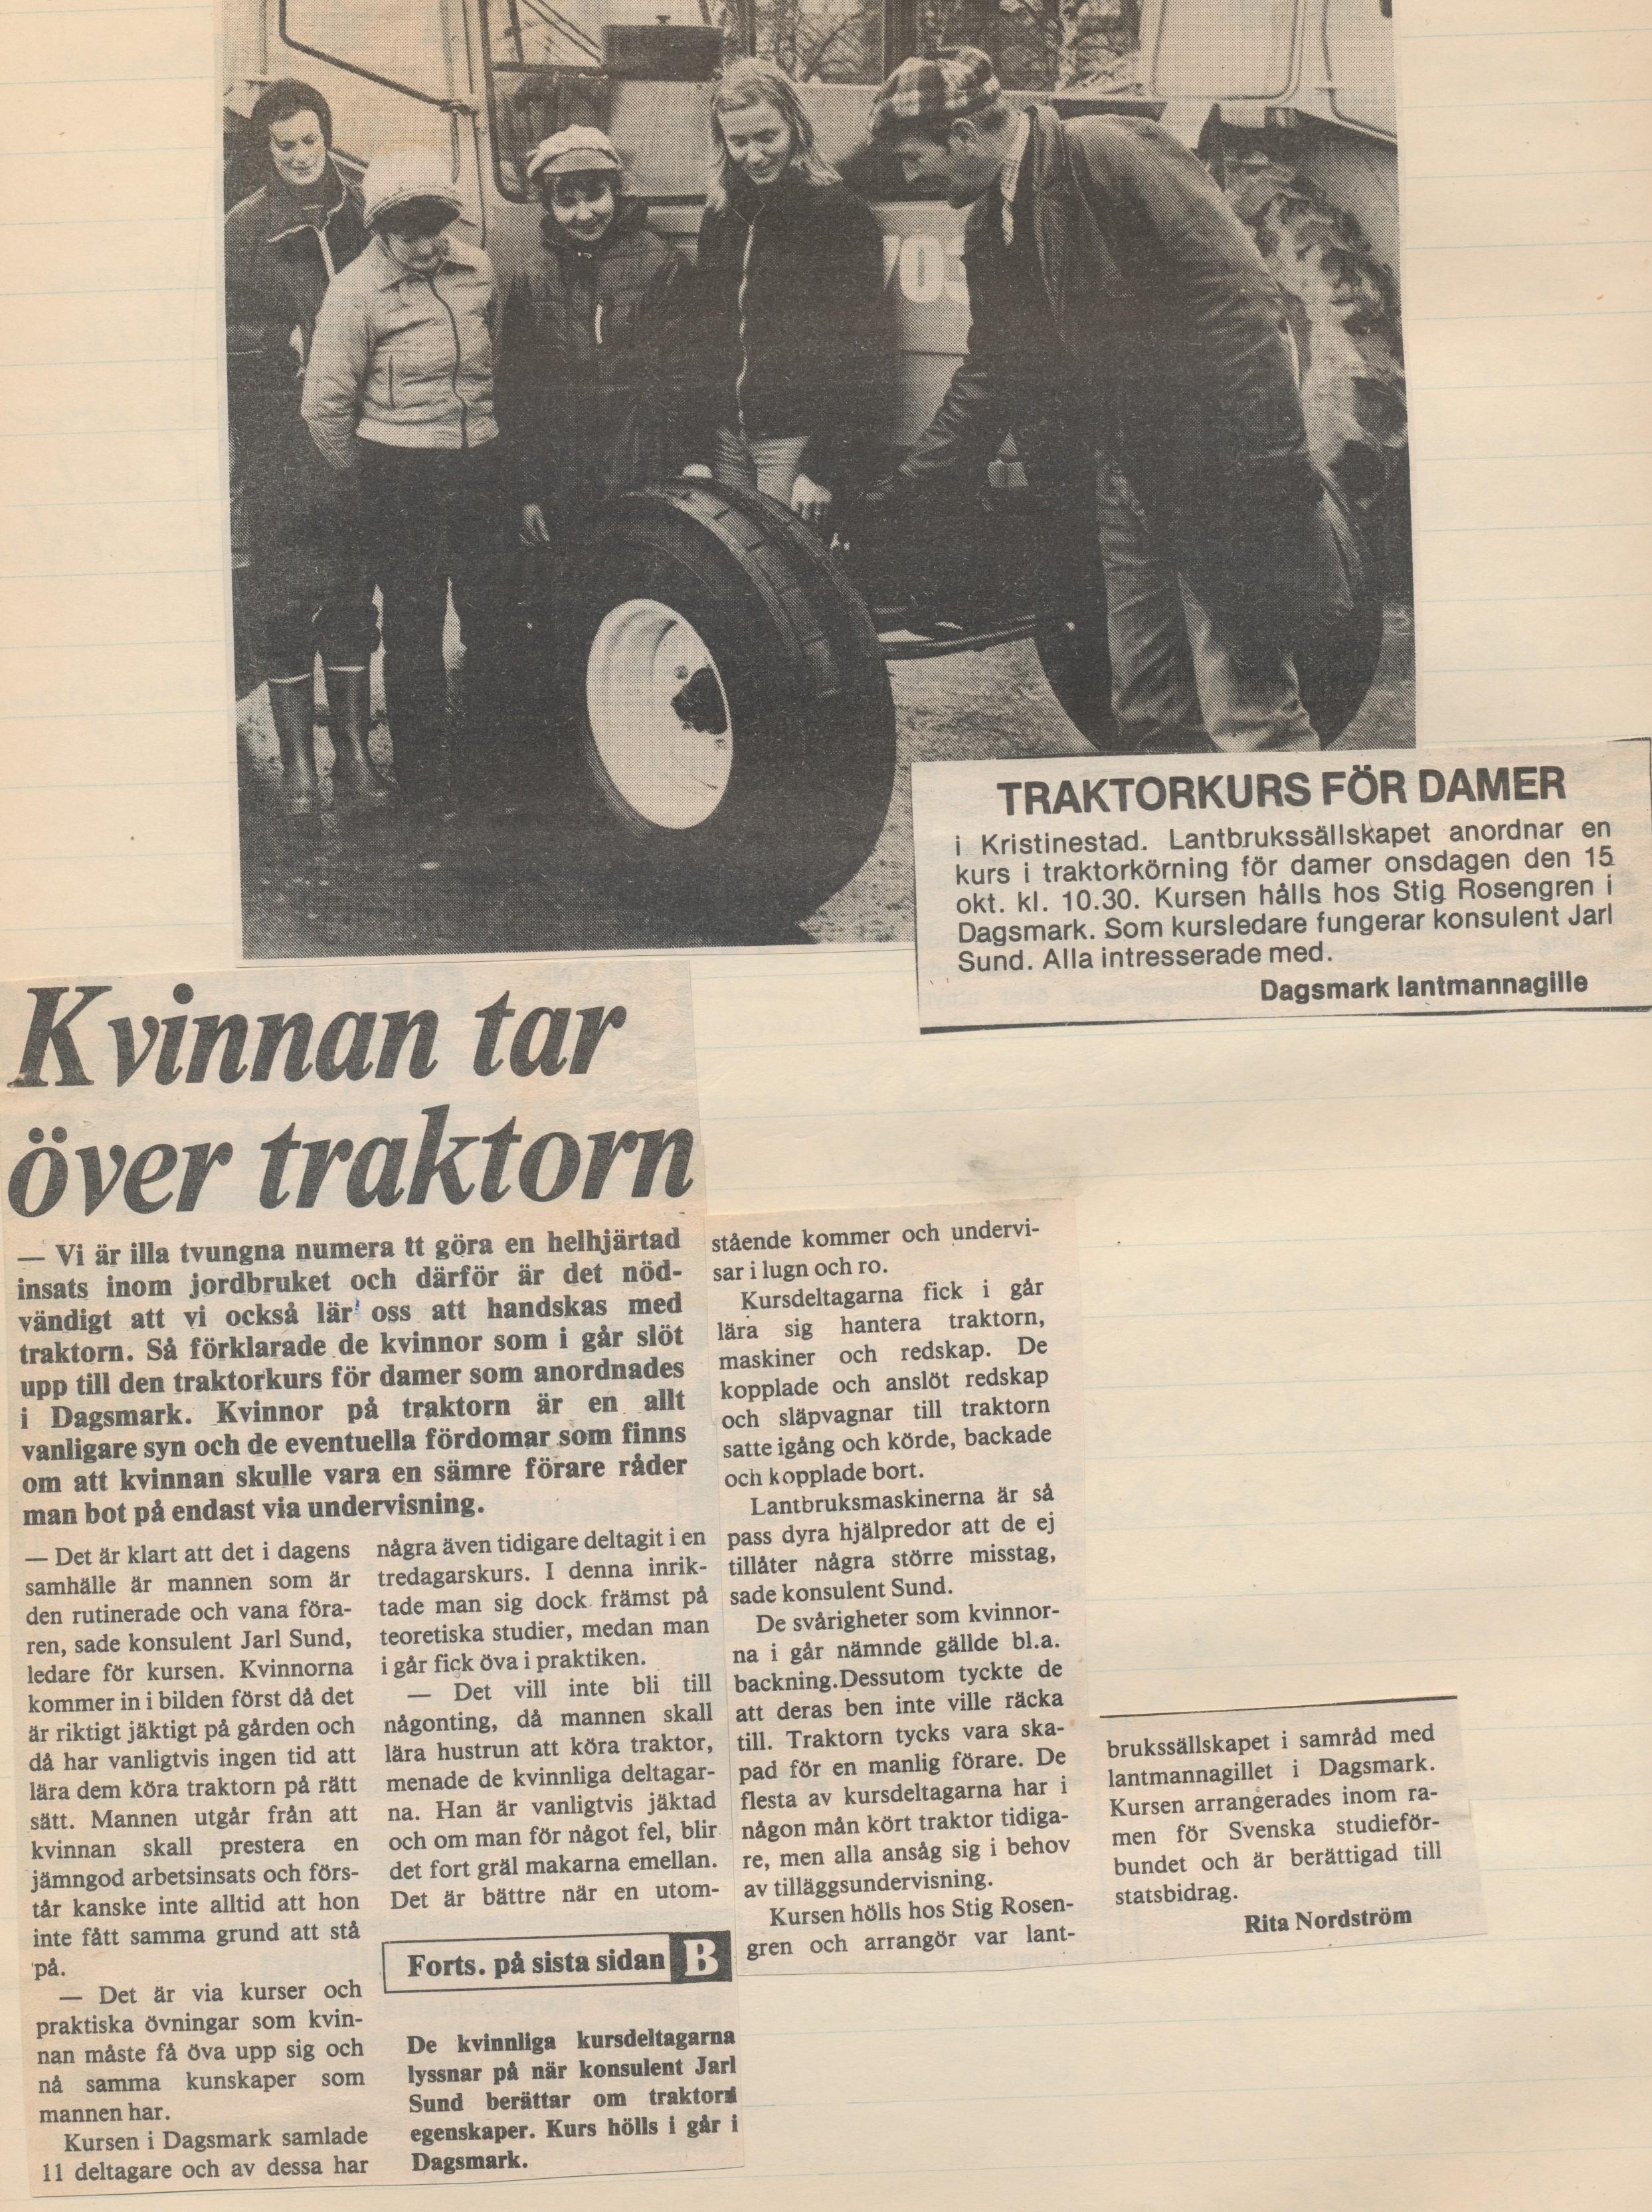 En traktorförarkurs ordnades hos Rosengrens i Dagsmark.